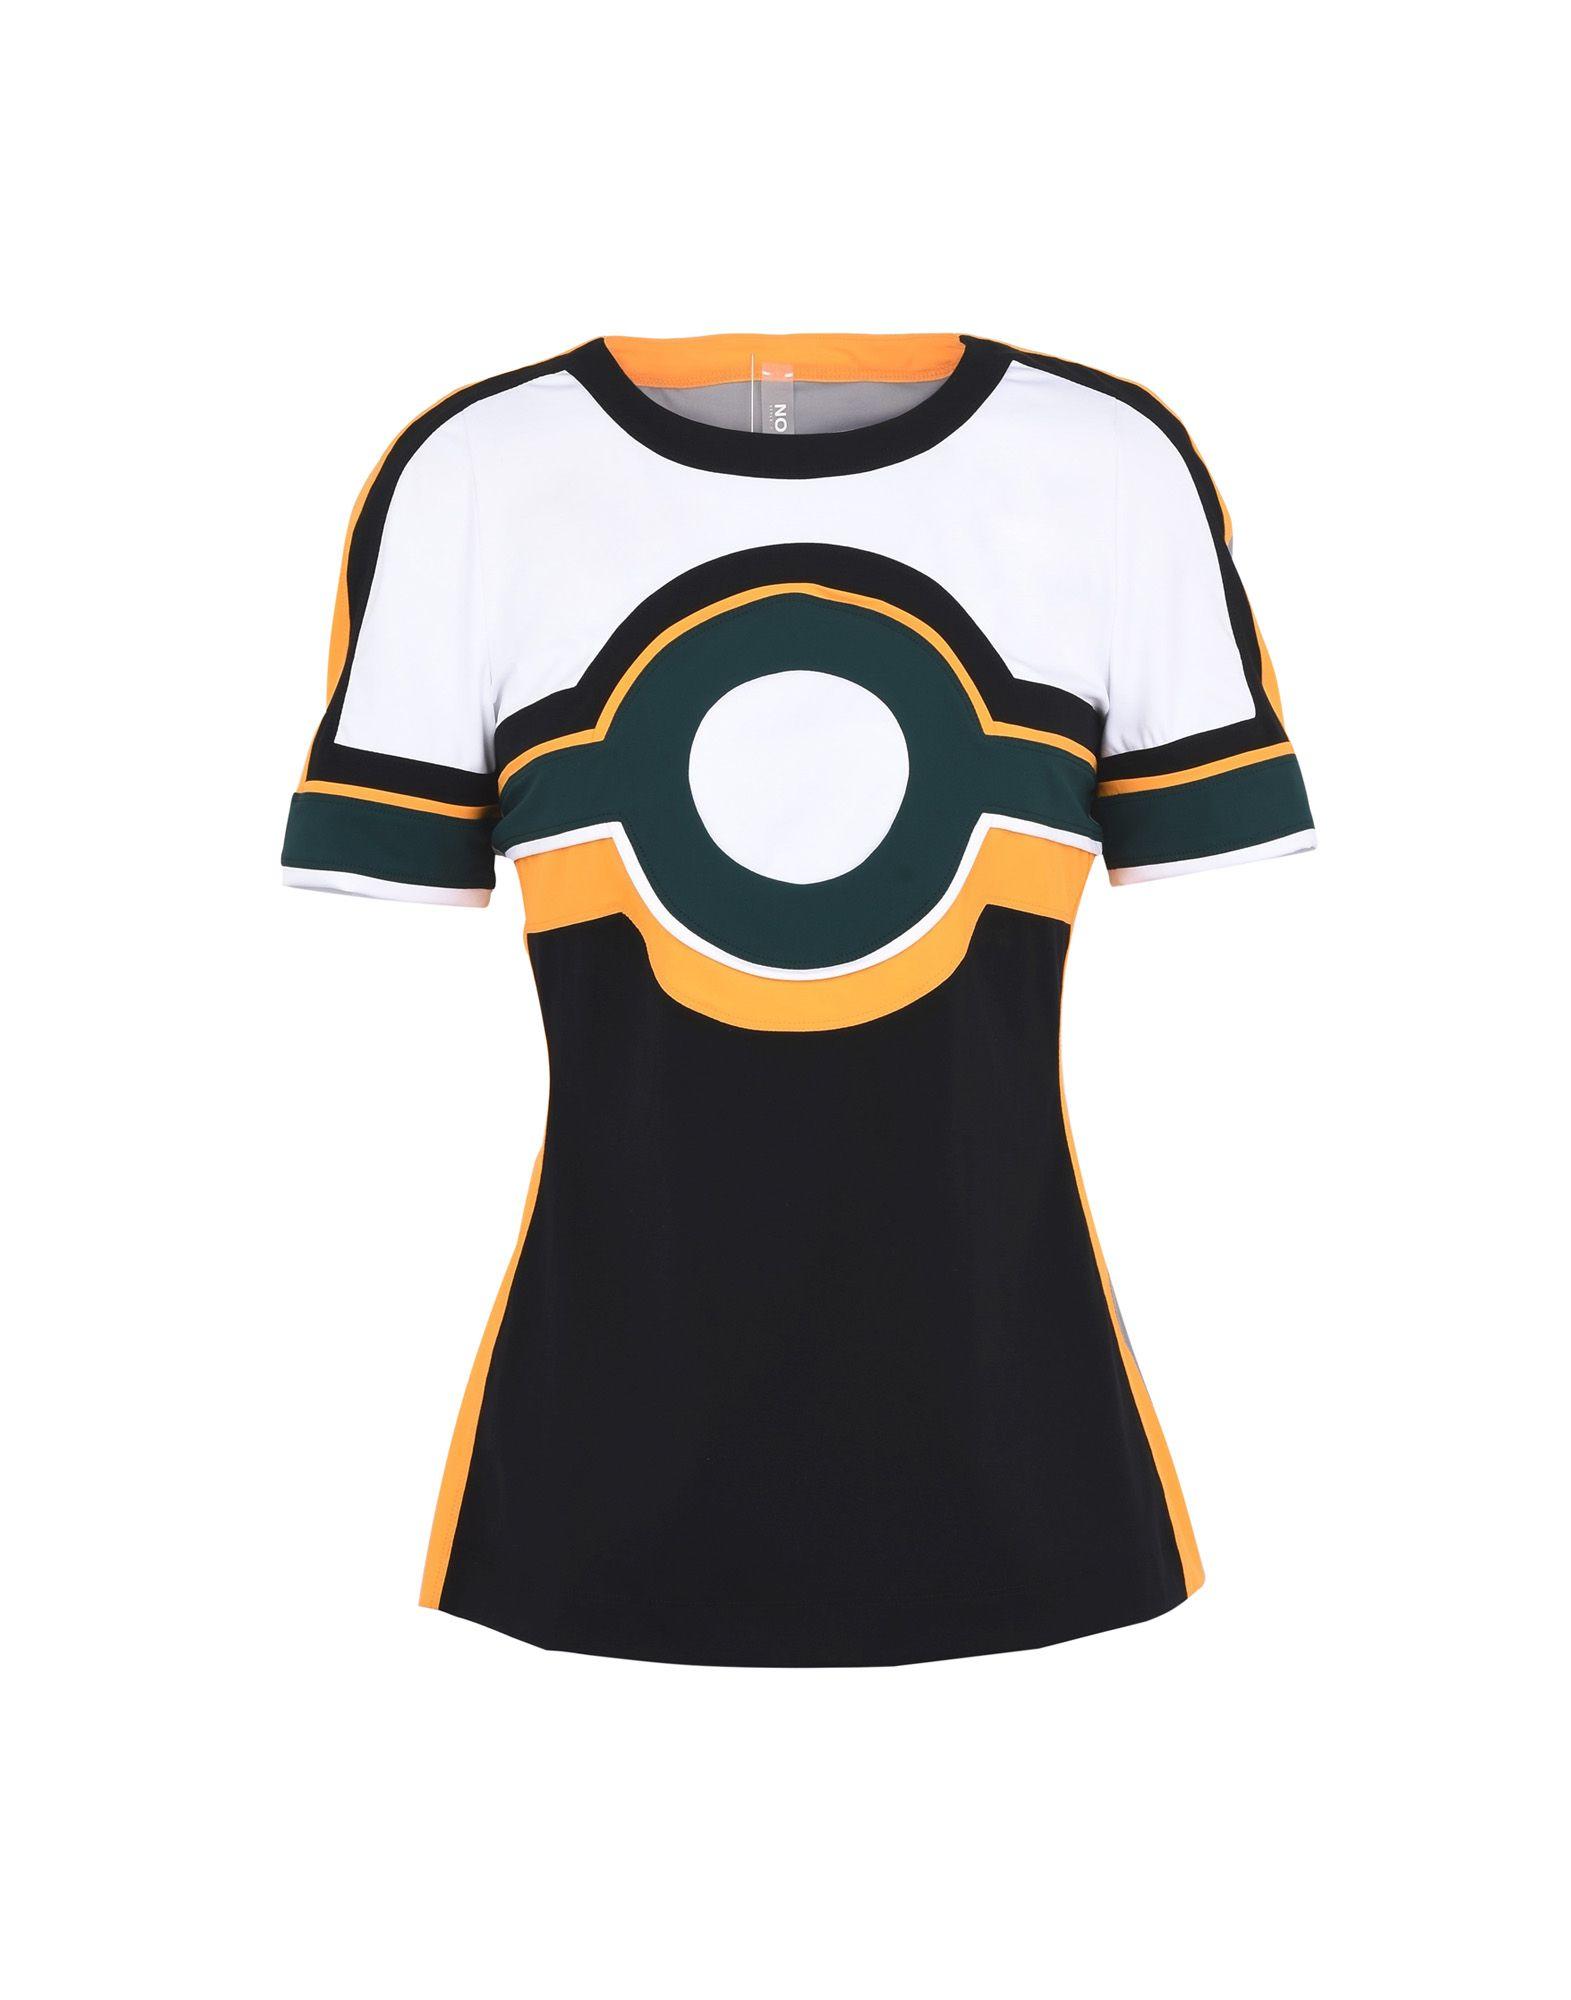 Bra E Top Performance No Ka 'Oi Nana T-Shirt - Donna - Acquista online su jORYB